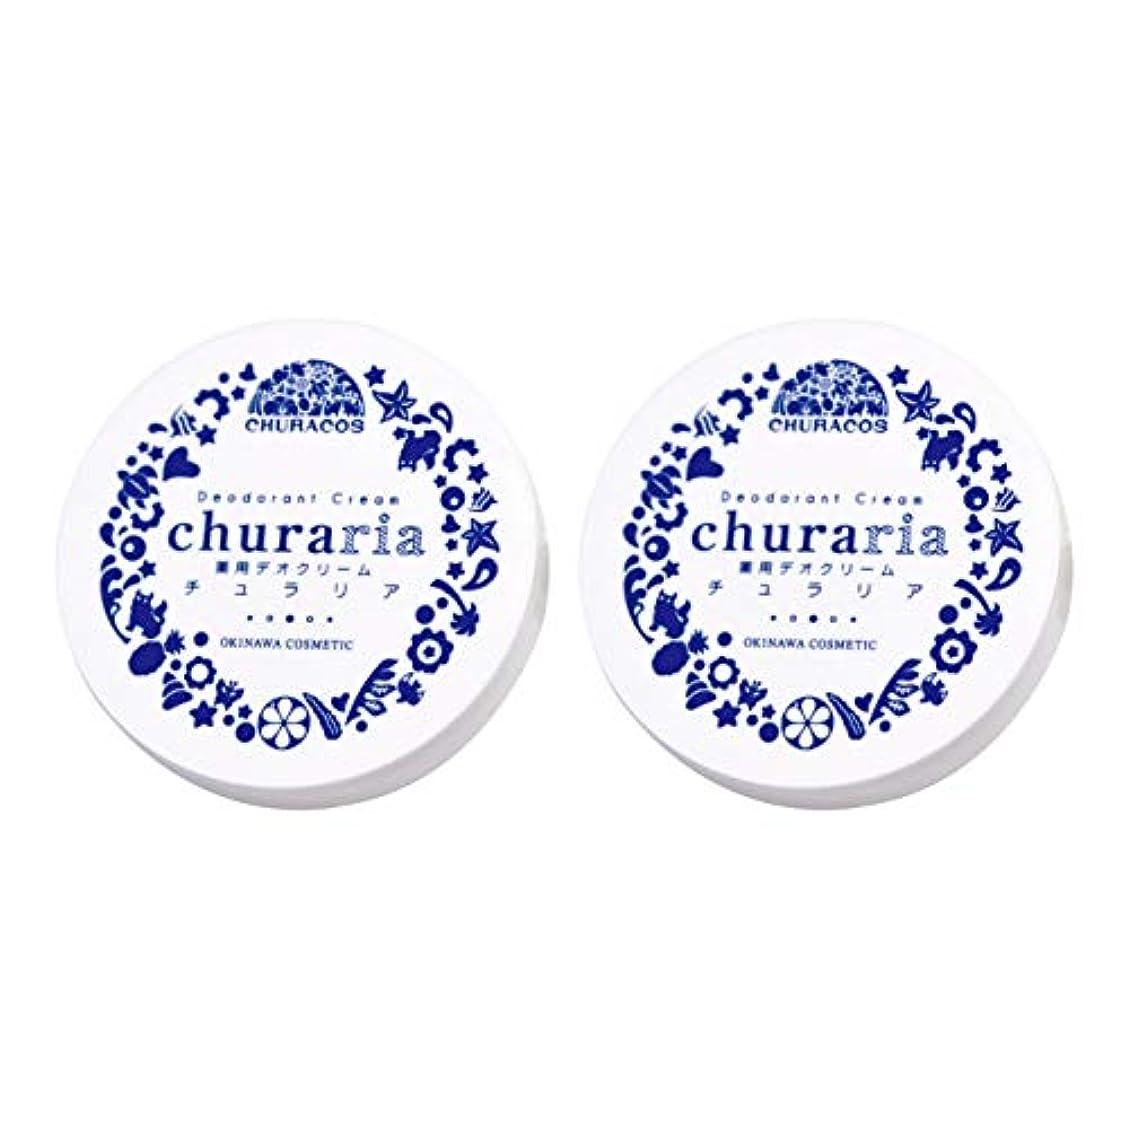 セイはさておきナチュラル運命的なチュラコス 薬用デオドラントクリーム チュラリア 27g 制汗剤 わきが デリケート (2個)